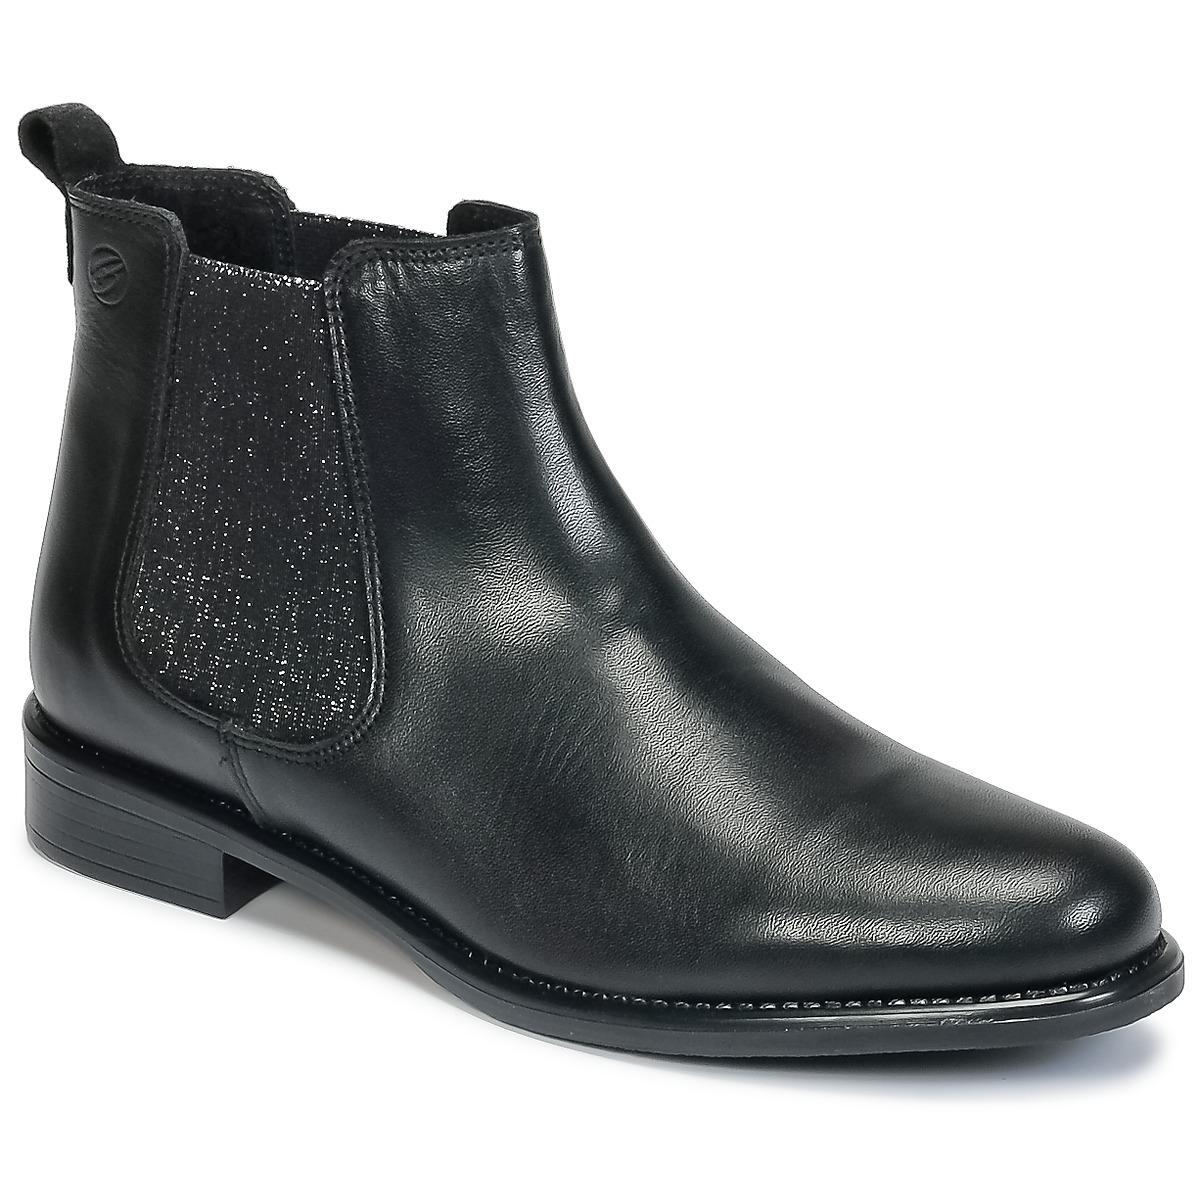 Betty London HAYATI Schwarz - Kostenloser Versand bei Spartoode ! - Schuhe Boots Damen 79,99 €